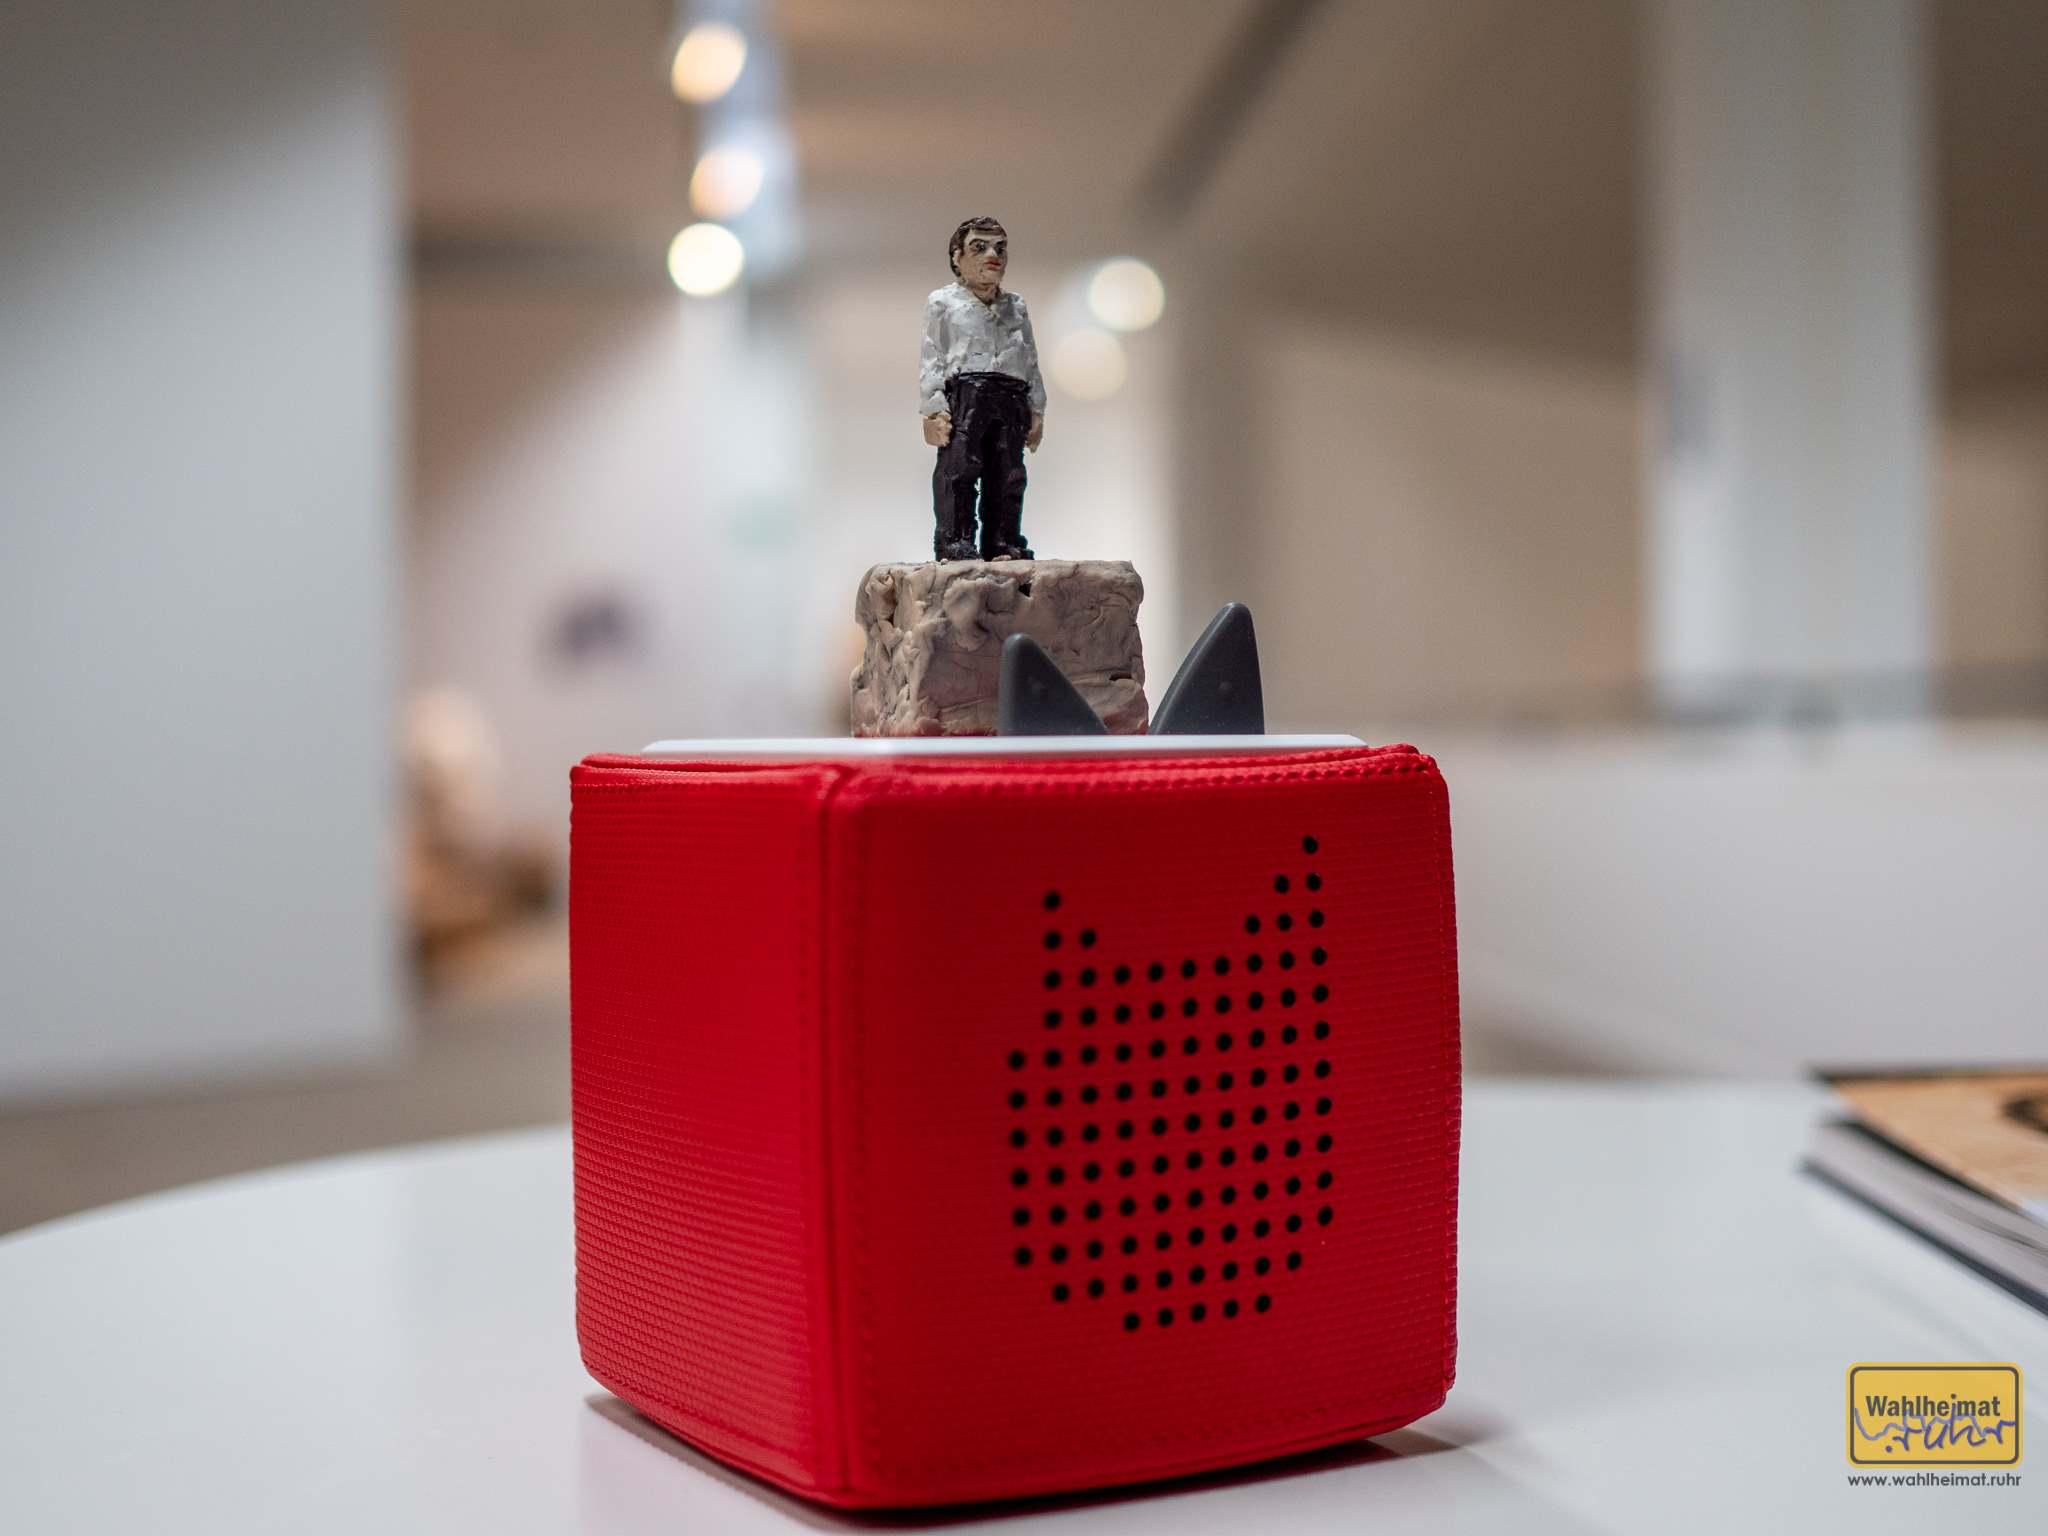 Eine Tonie-Box mit dem Konterfei des Künstlers. Sehr schöne Idee!